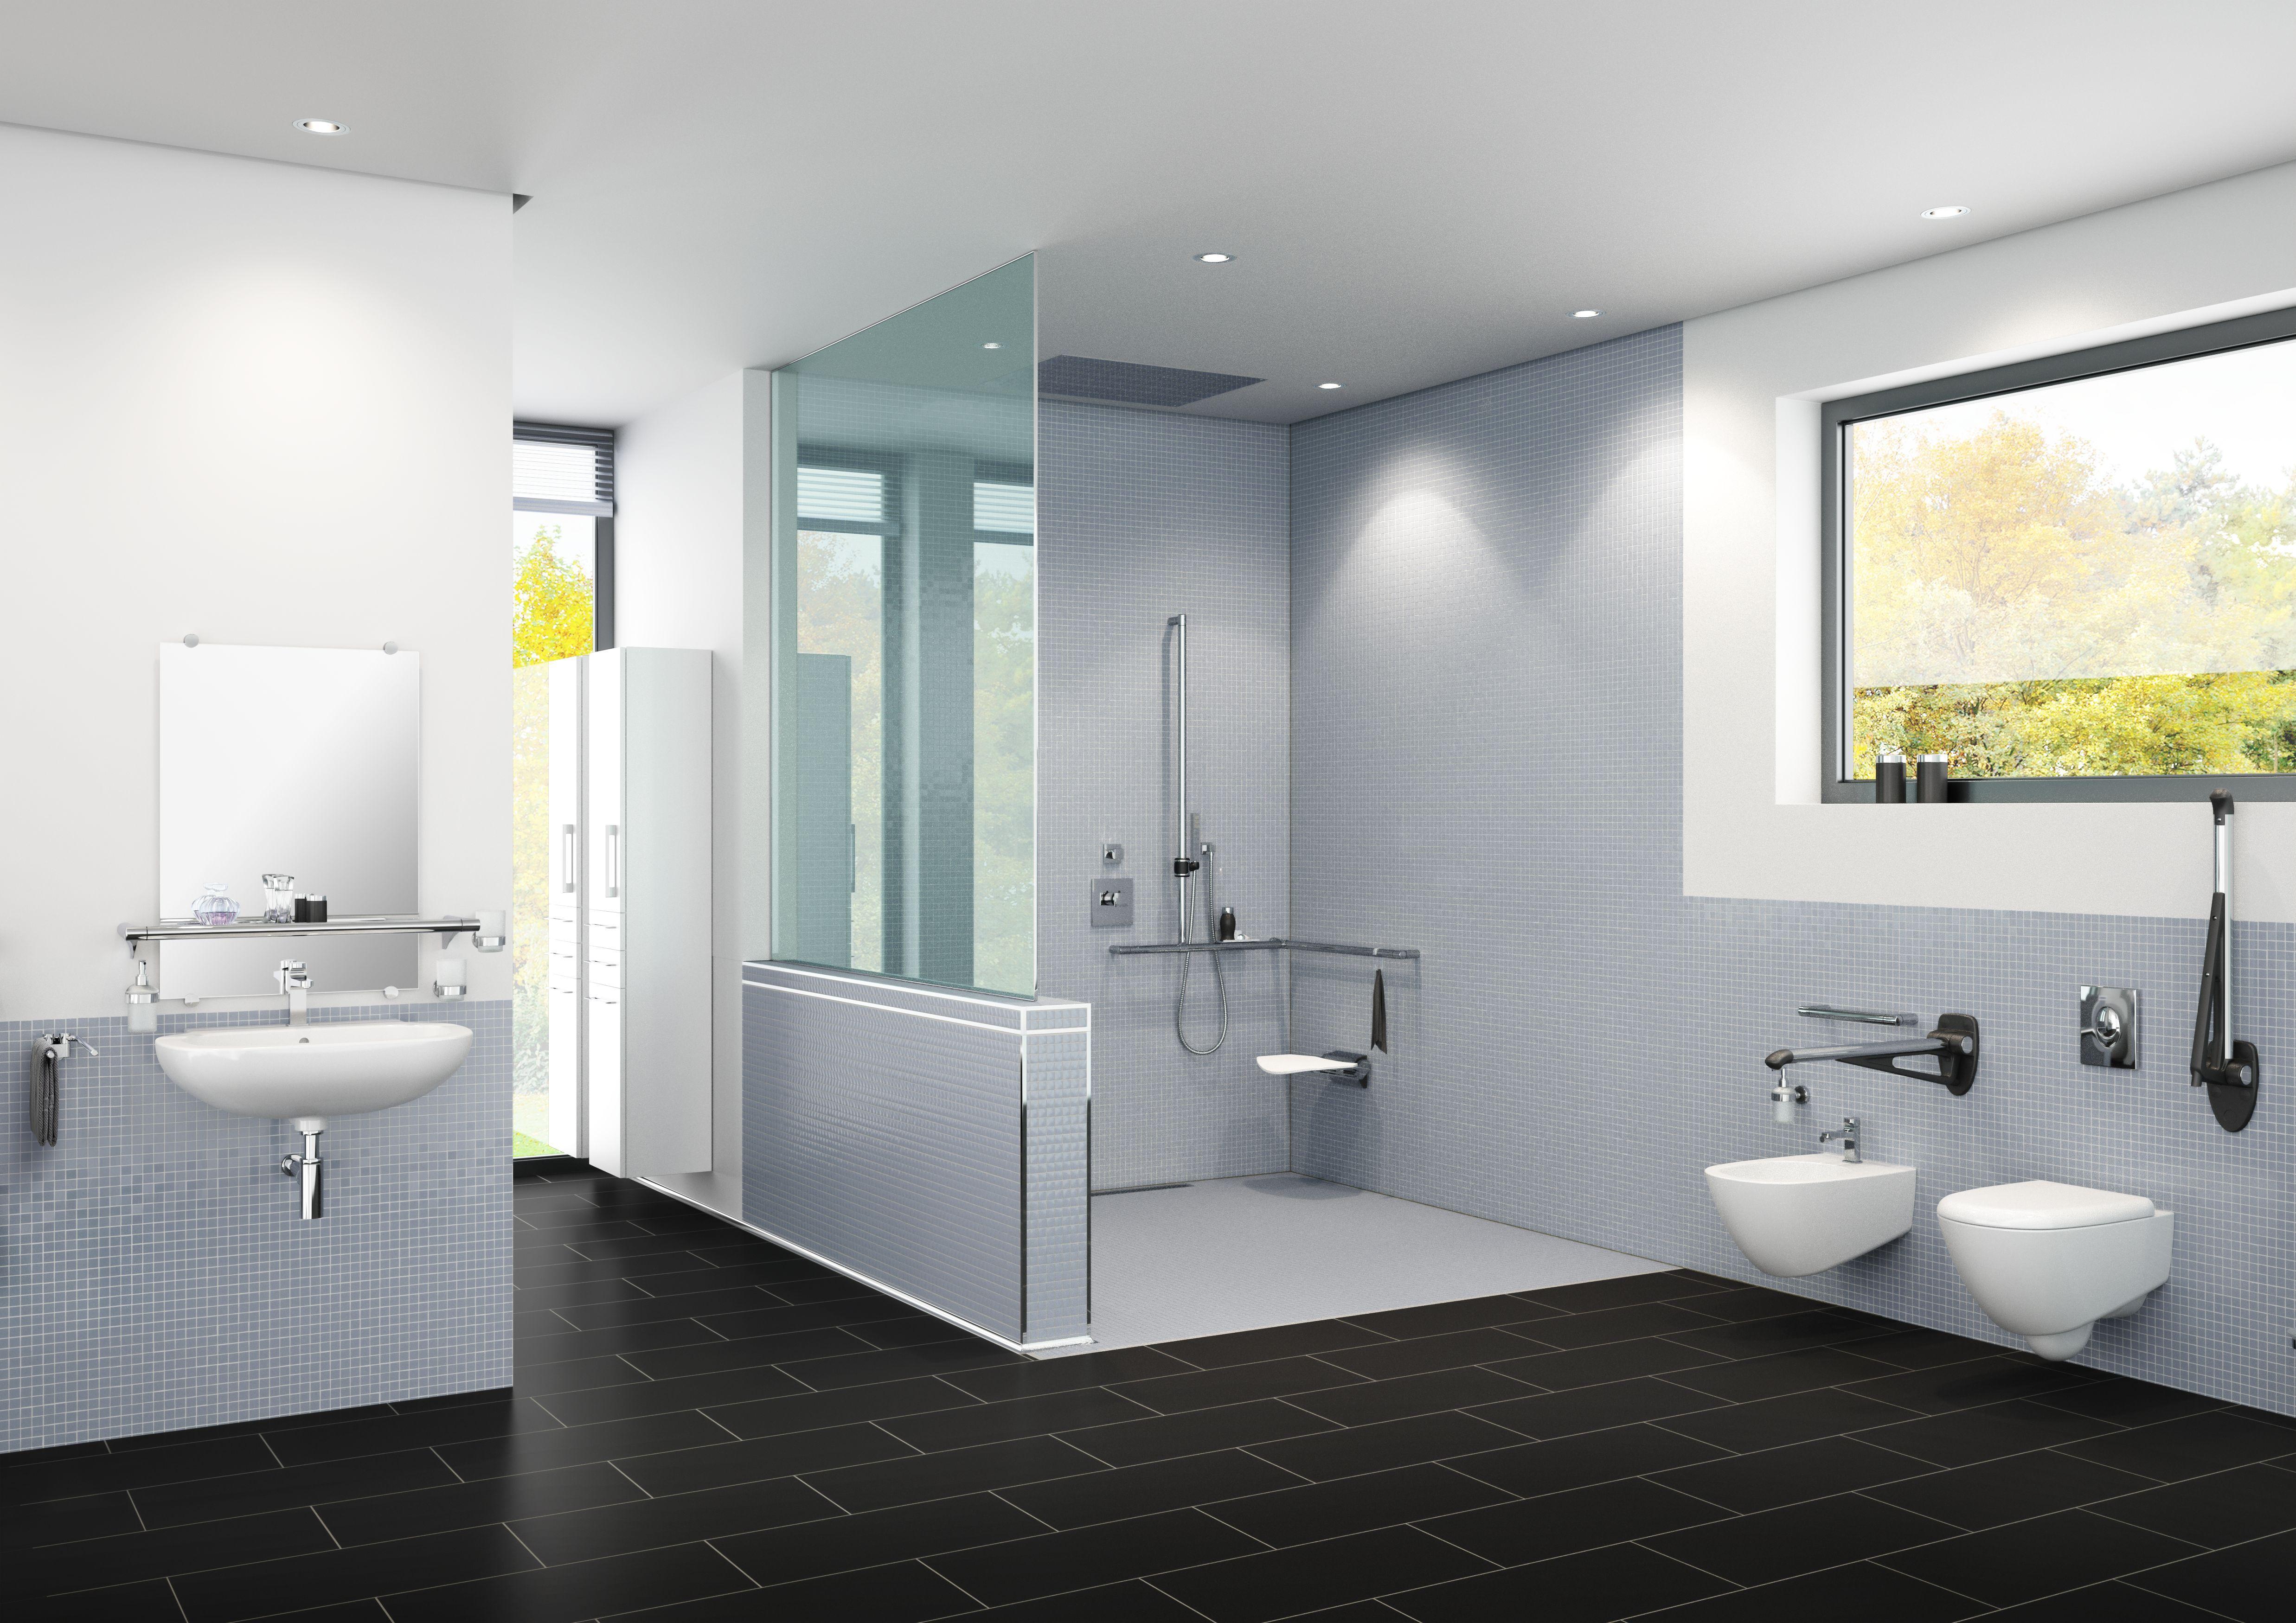 Haus außentor design höhe badewanne barrierefrei  bungalow haus bauen  pinterest